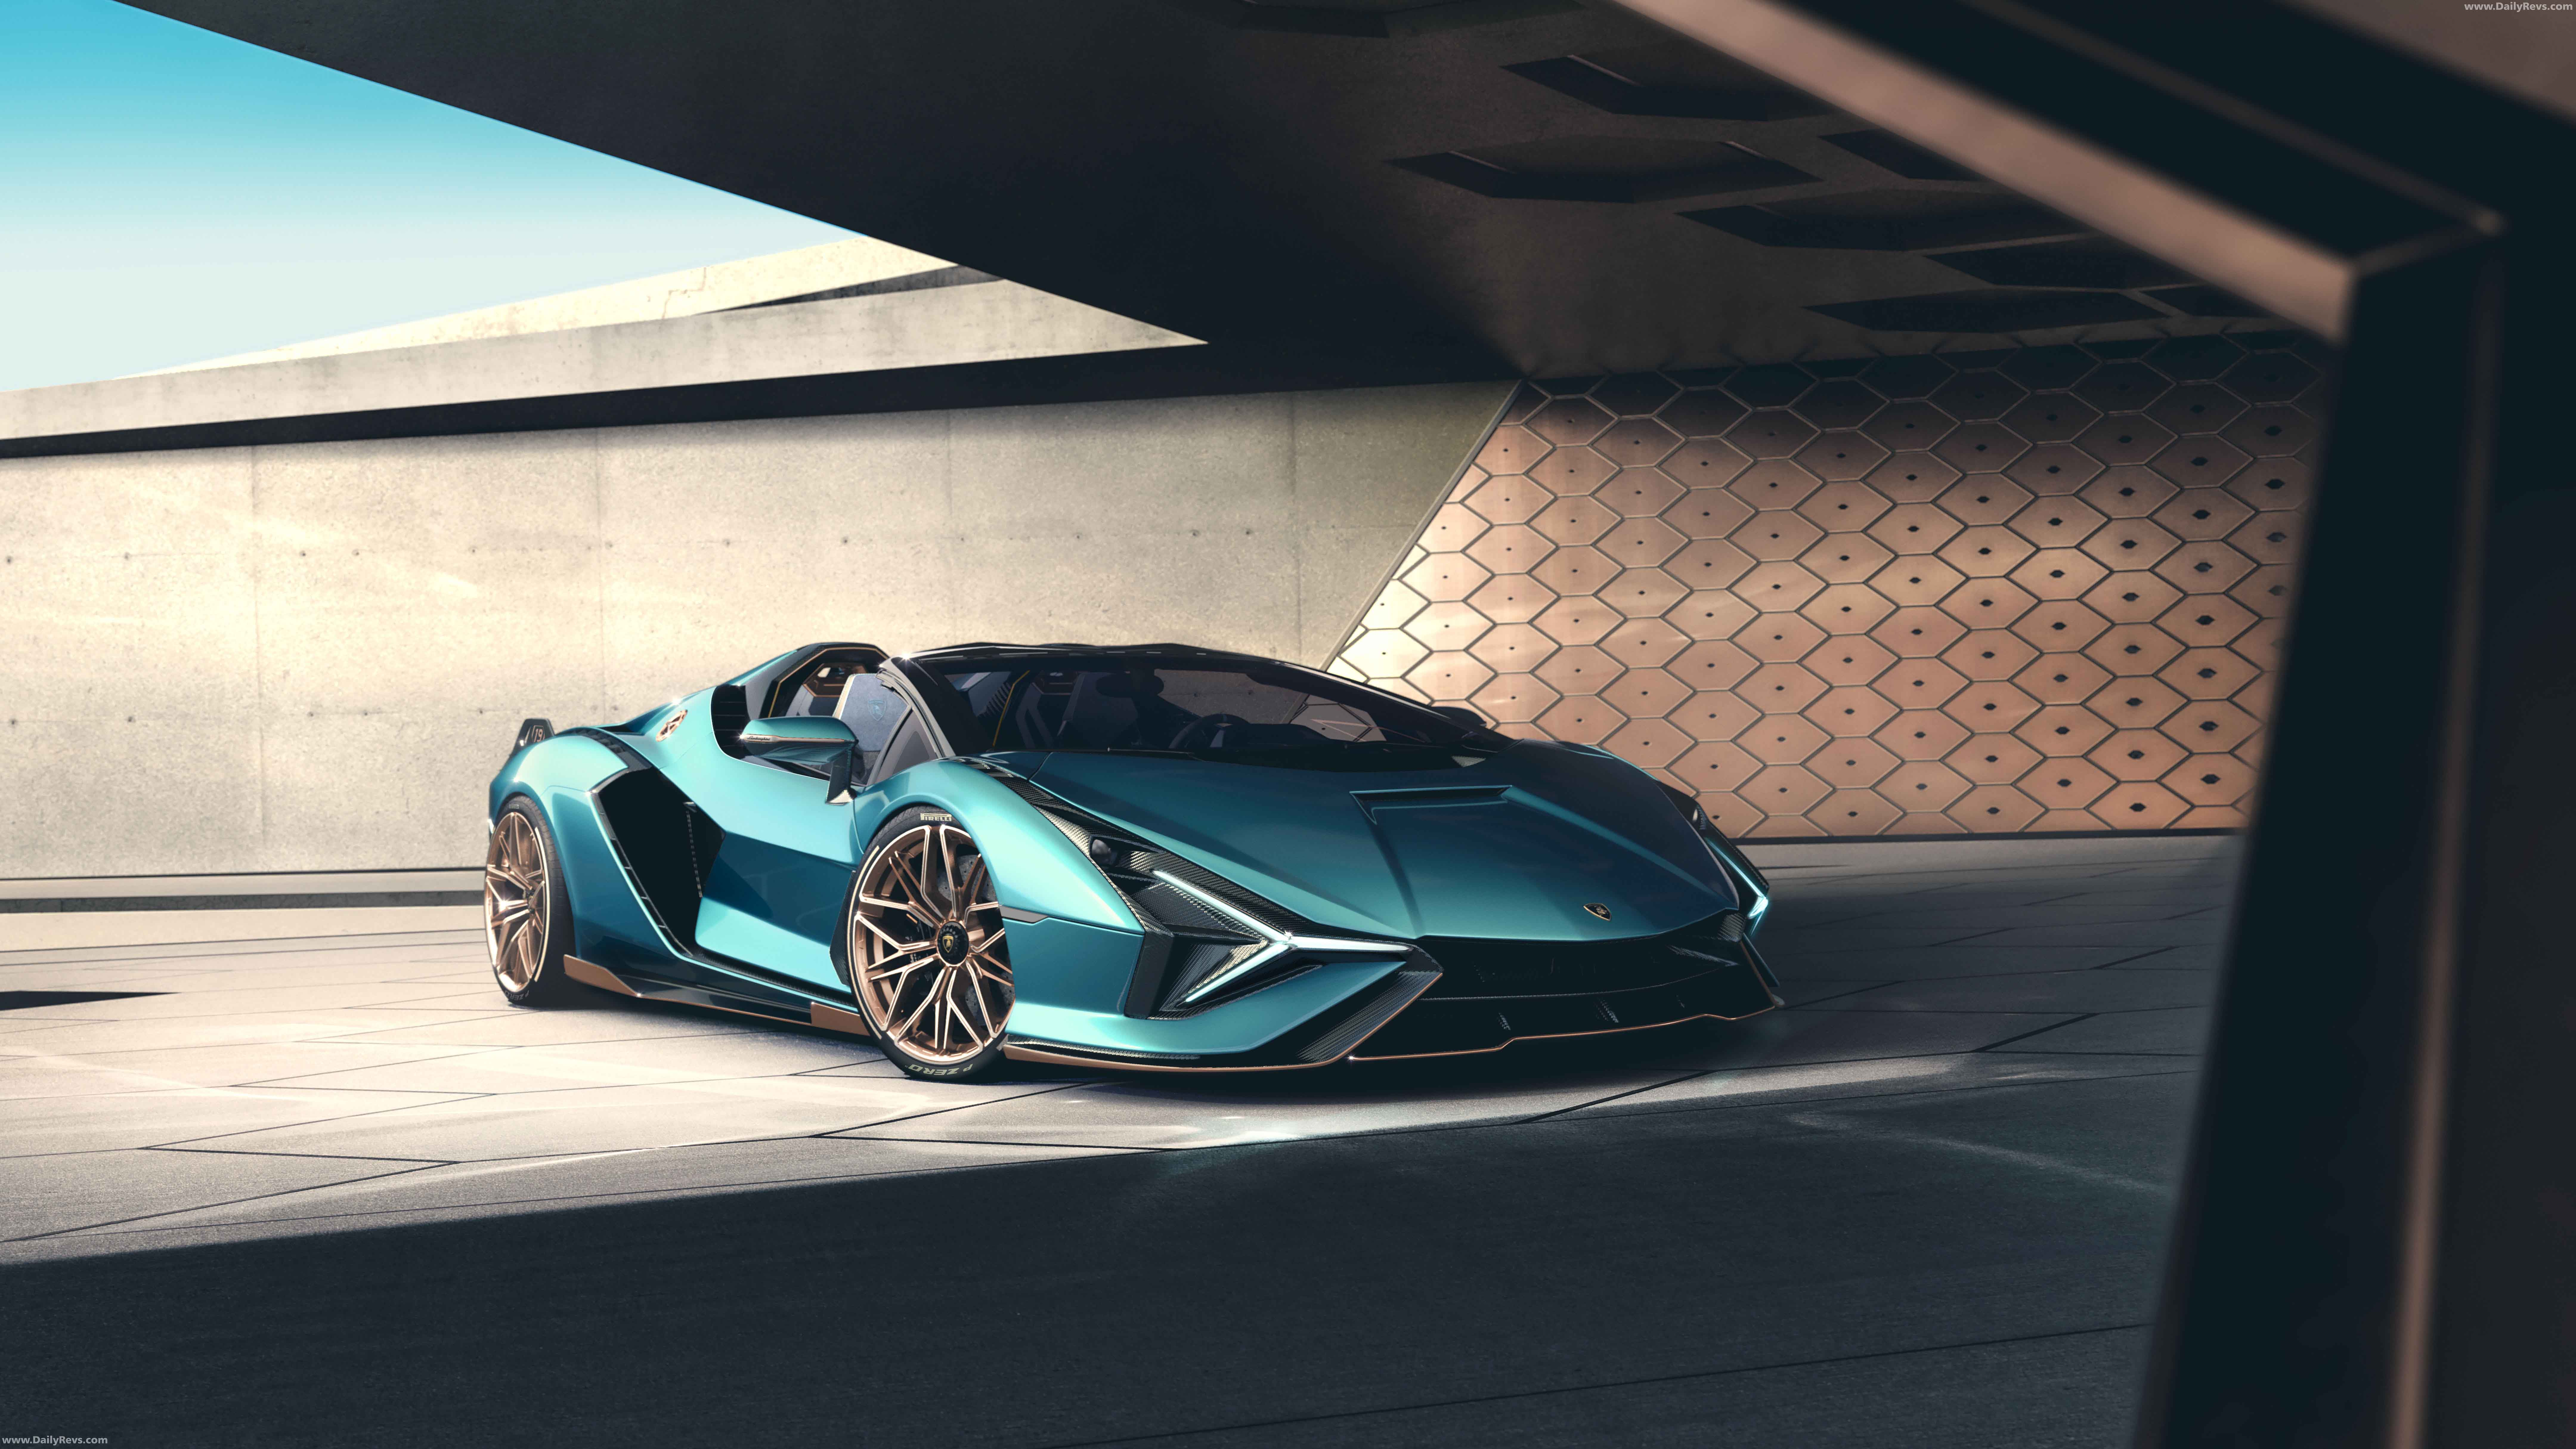 2021 Lamborghini Sian Roadster full